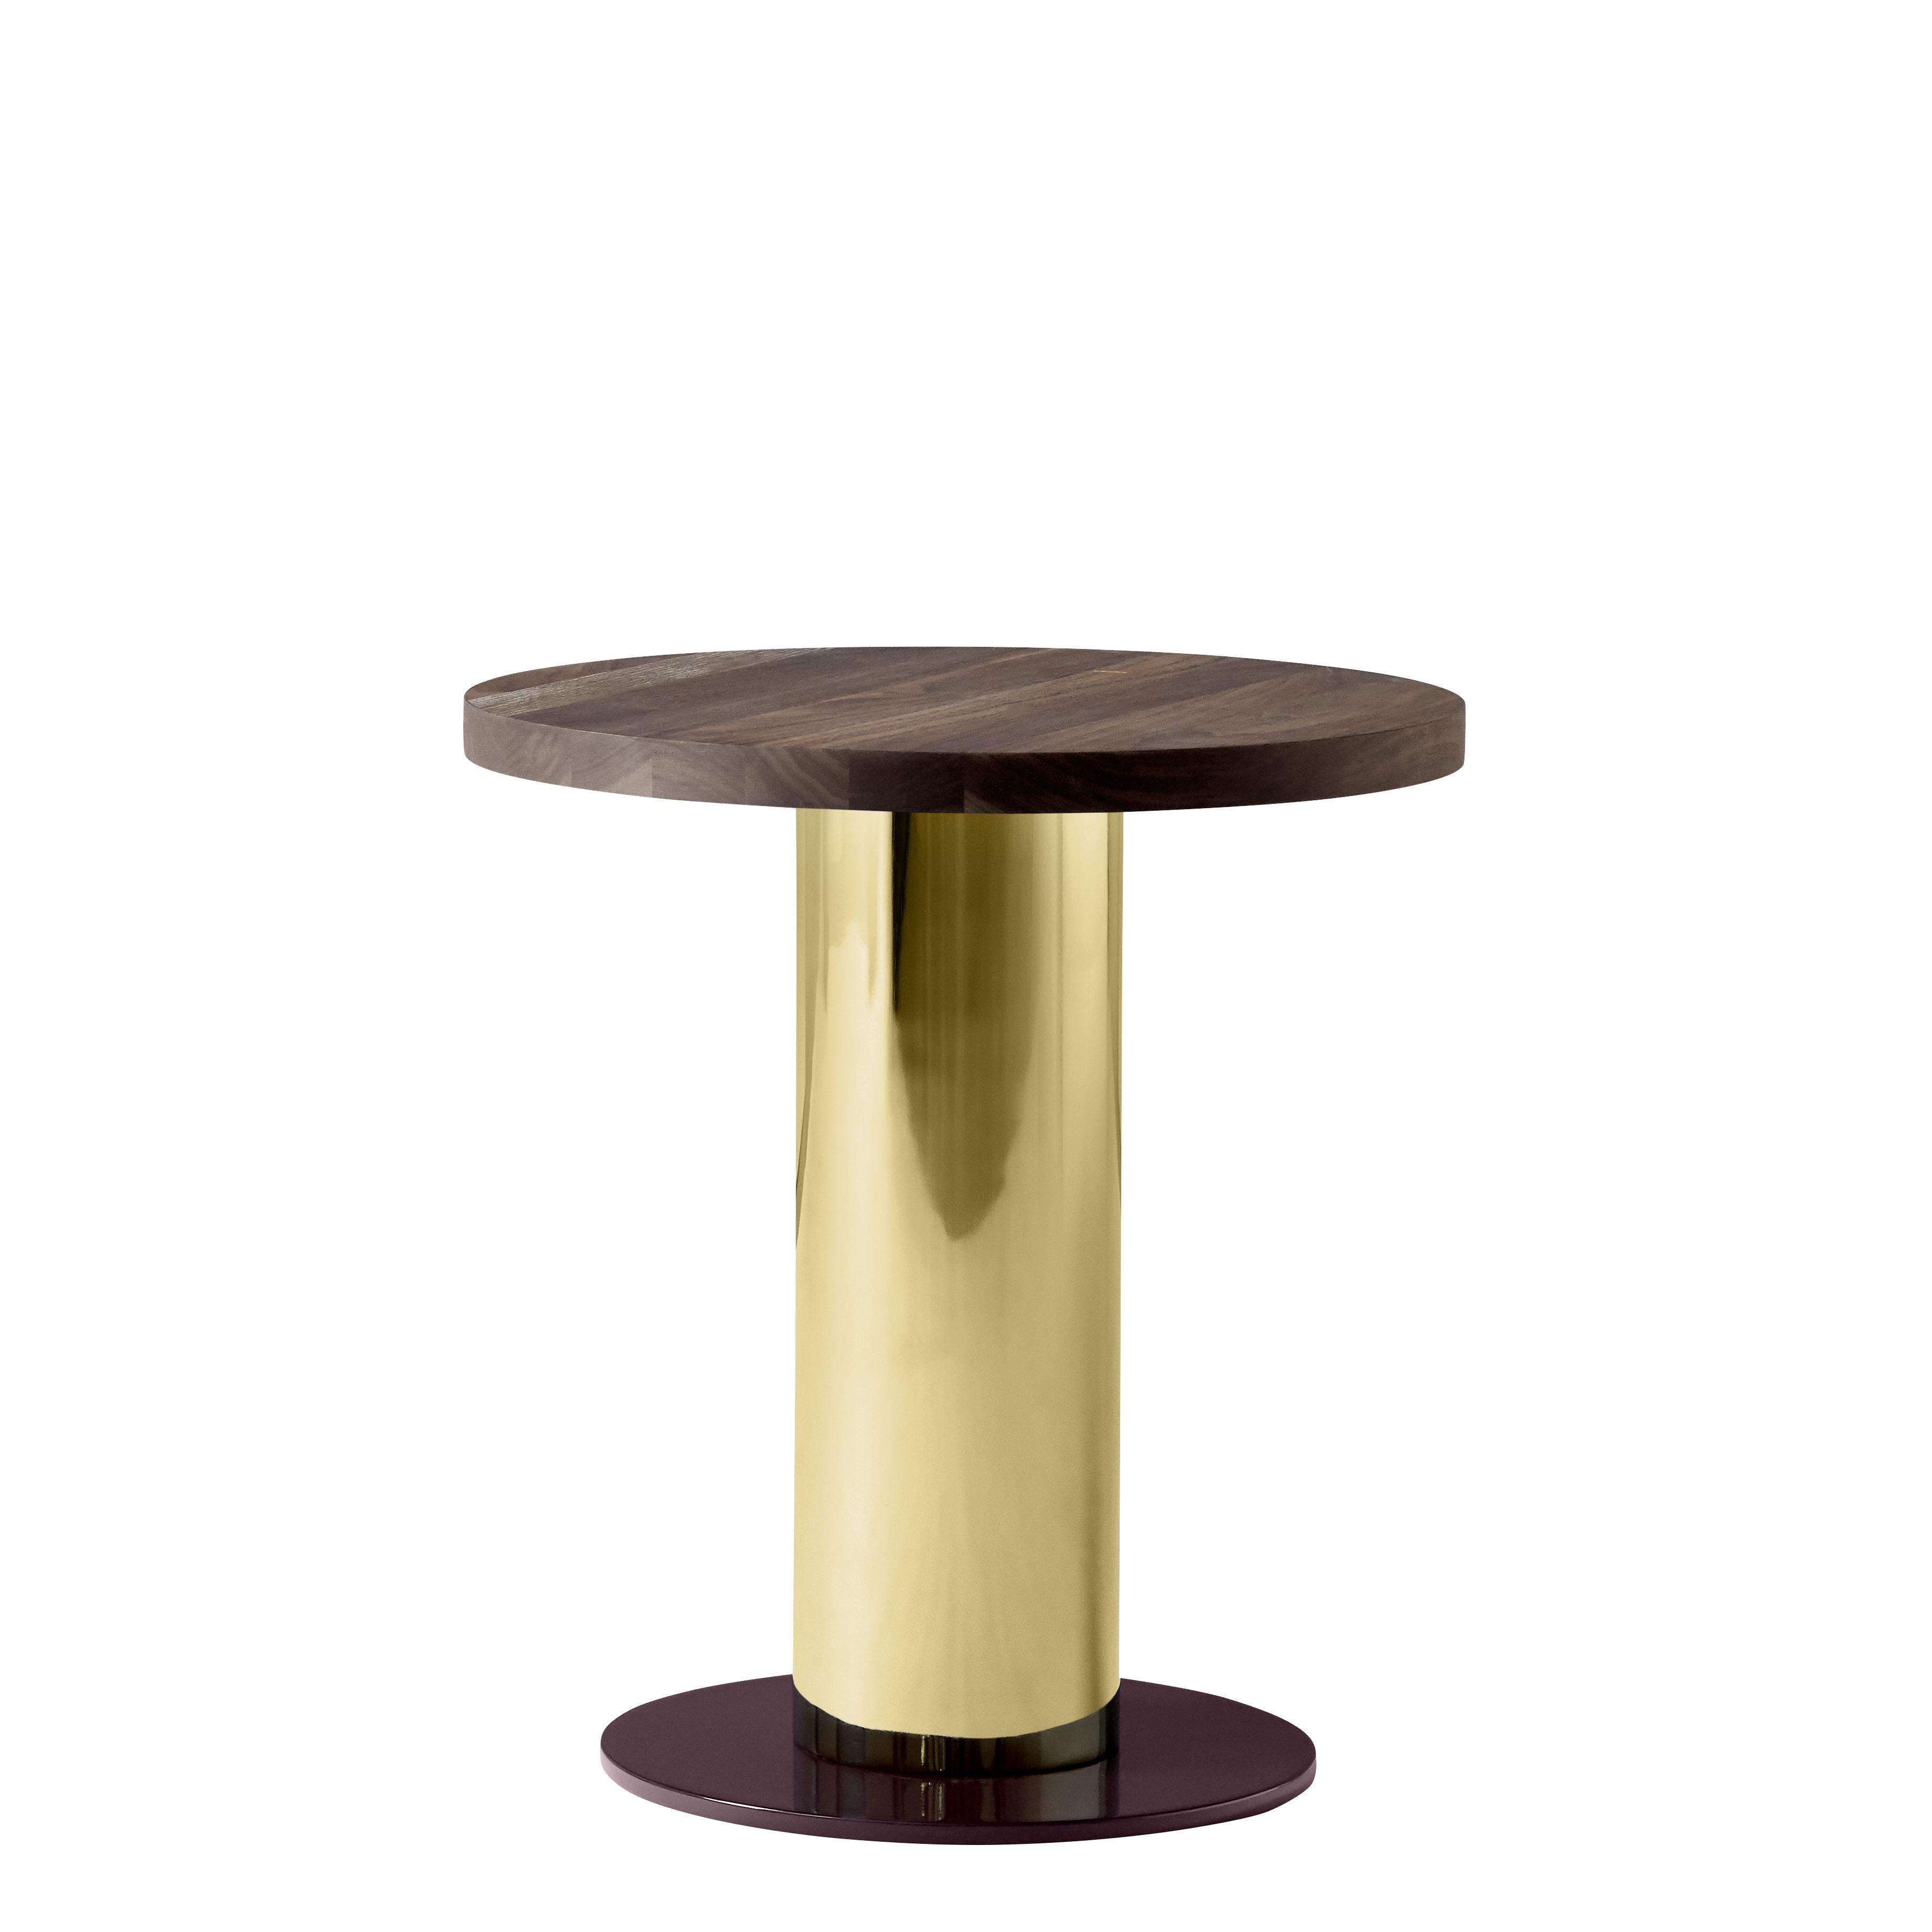 Mobilier - Tables basses - Table basse Mezcla JH19 / Noyer - Ø 42 x H 45 cm - &tradition - Noyer / Or / Bordeaux - Acier, Noyer massif